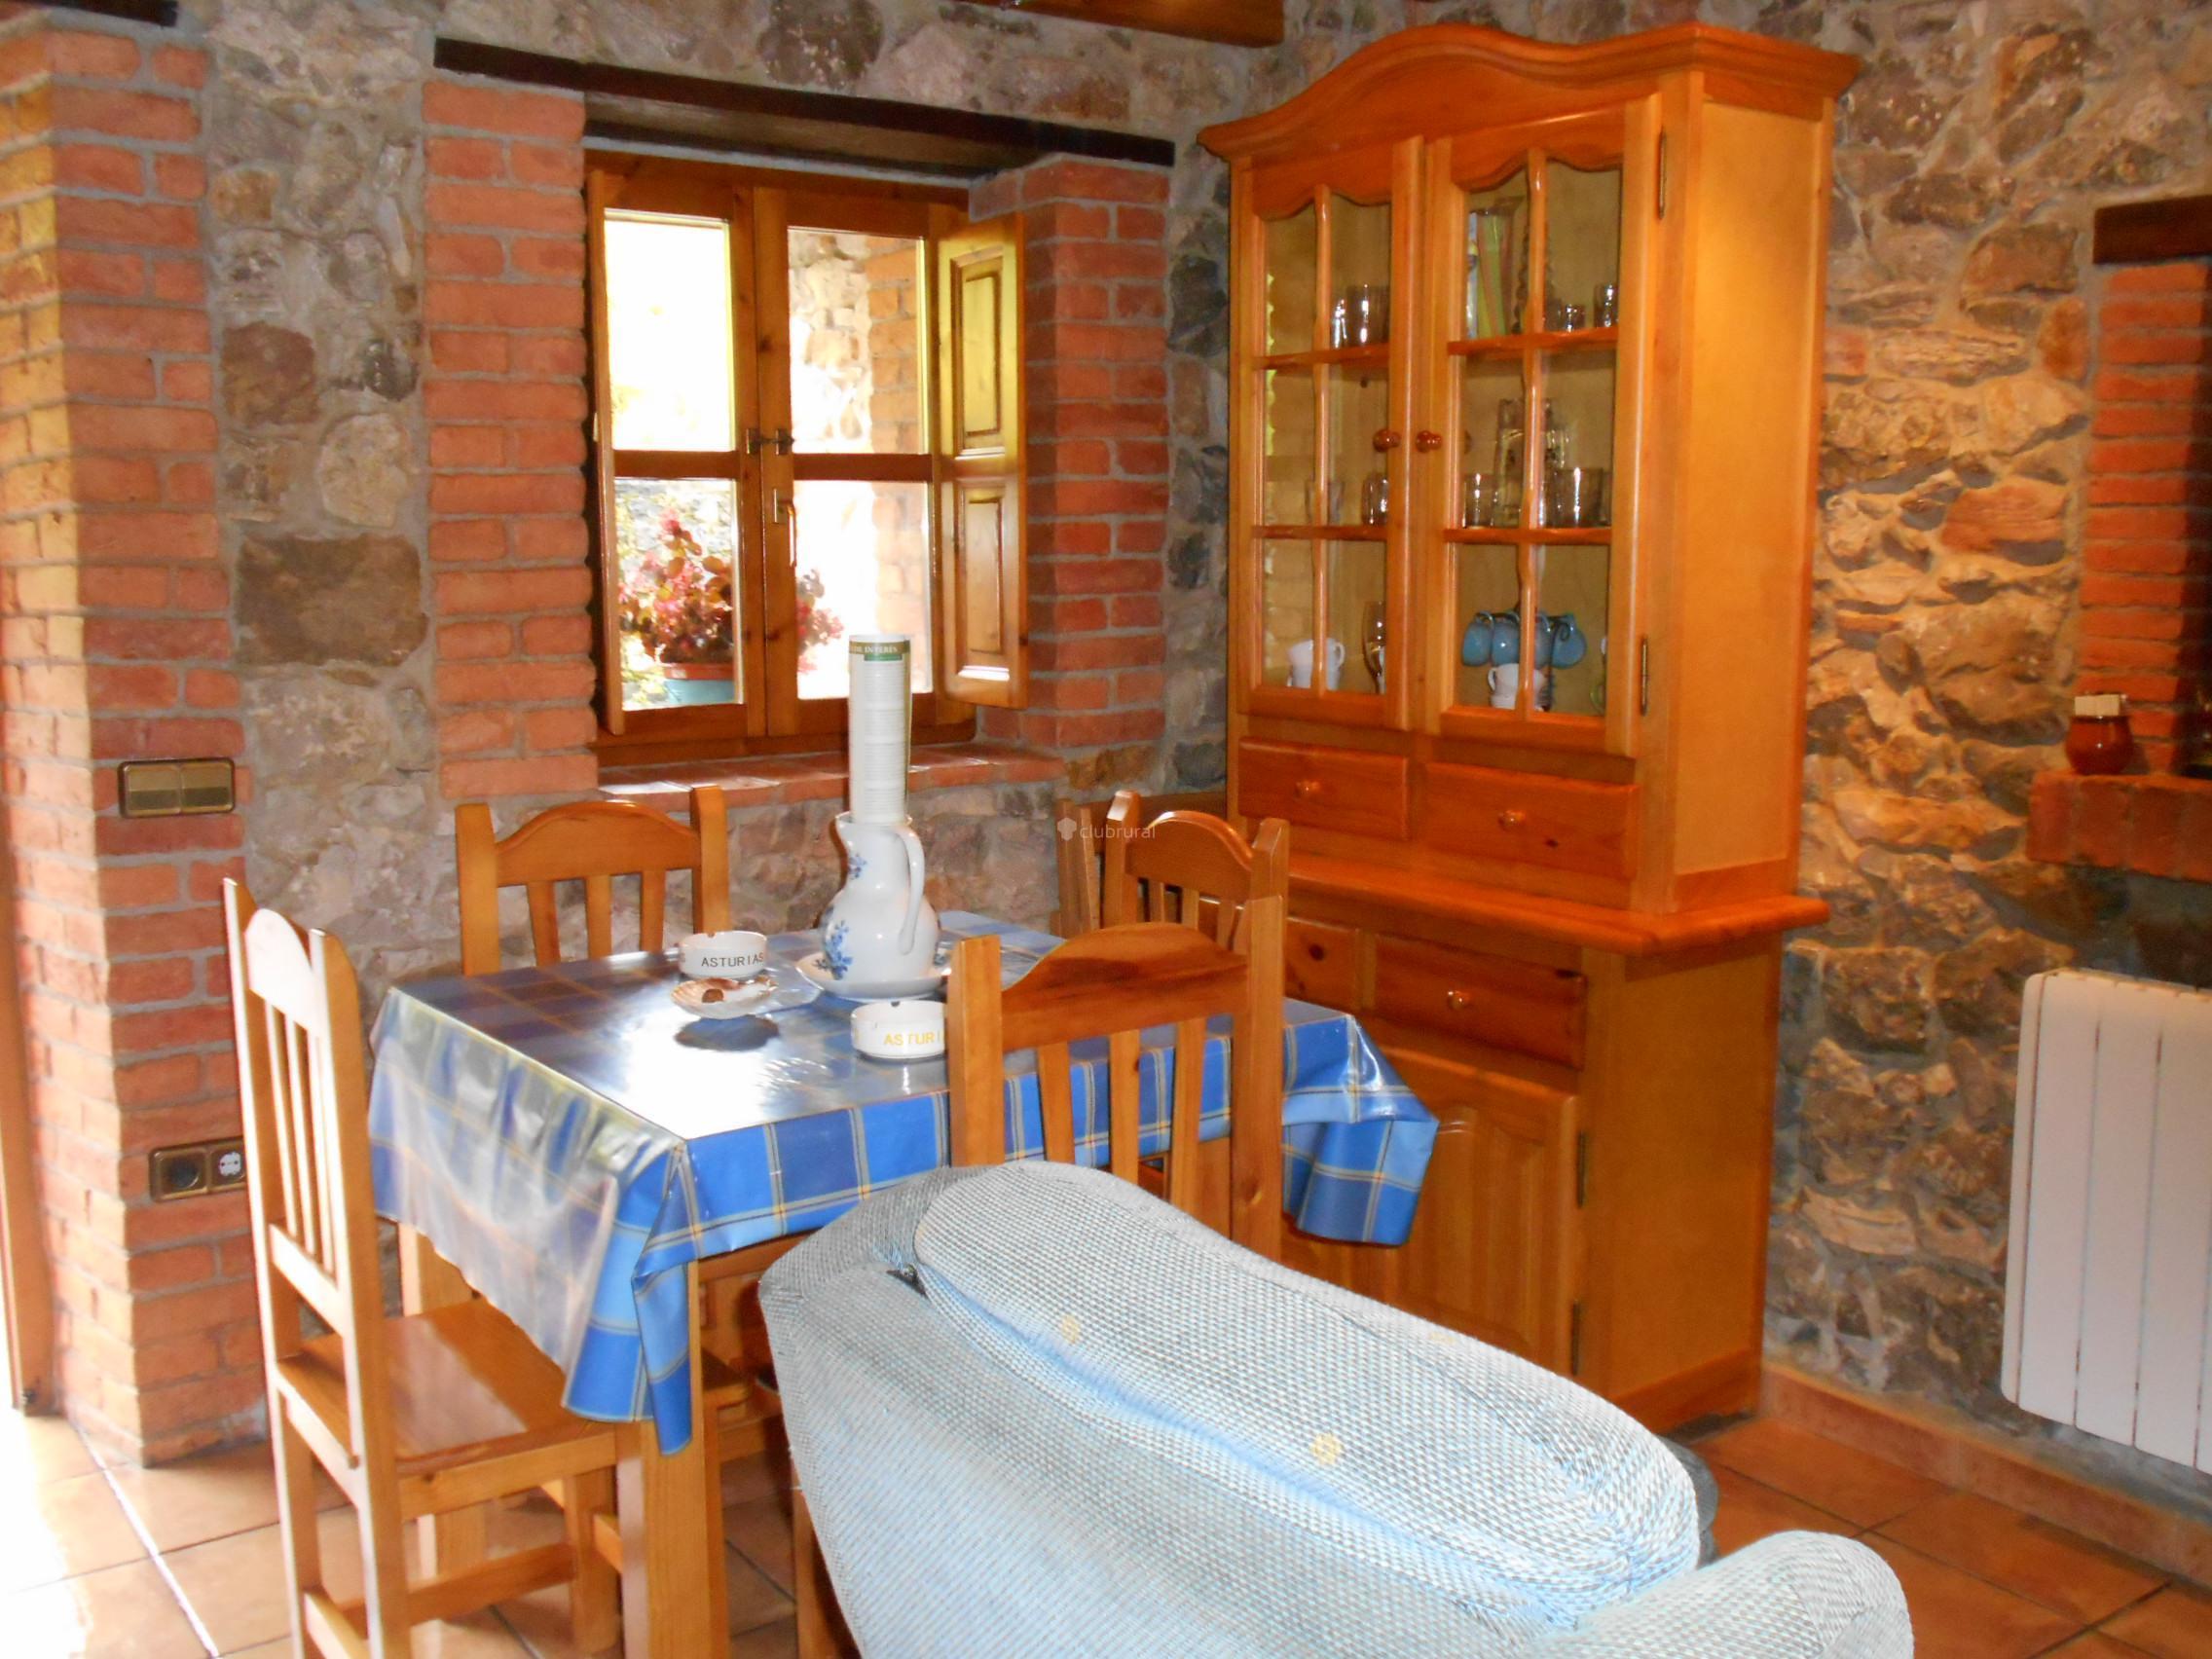 Fotos de casa de aldea la llera asturias nava clubrural - Casas de aldea asturias ...